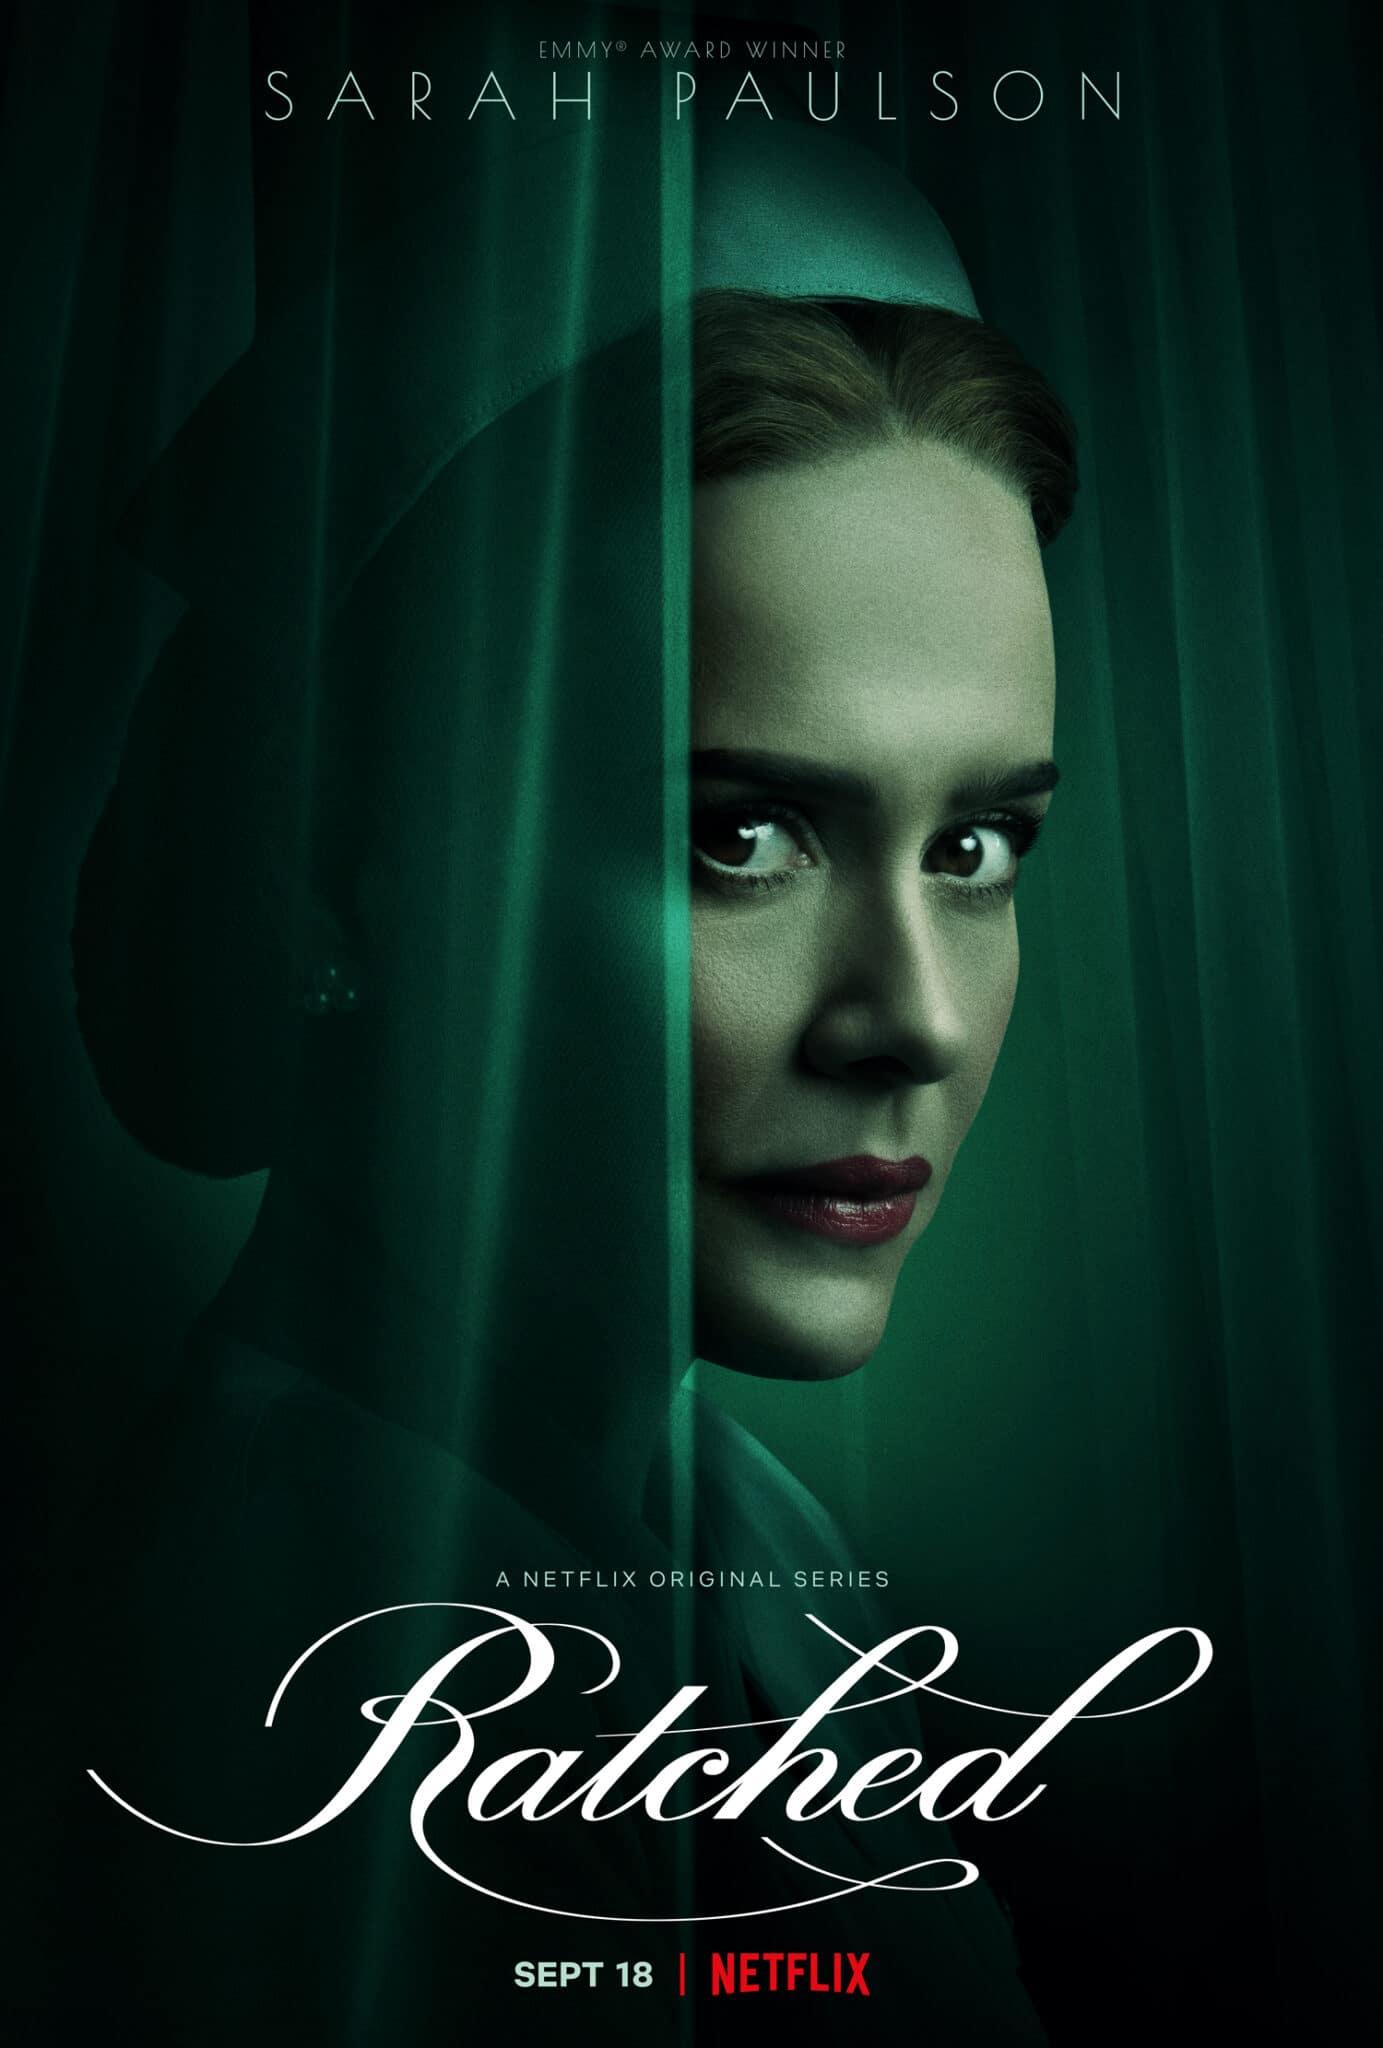 Das Poster von Ratched zeigt die Titelfigur Mildred Ratched umrahmt von einem grünen Vorhang.